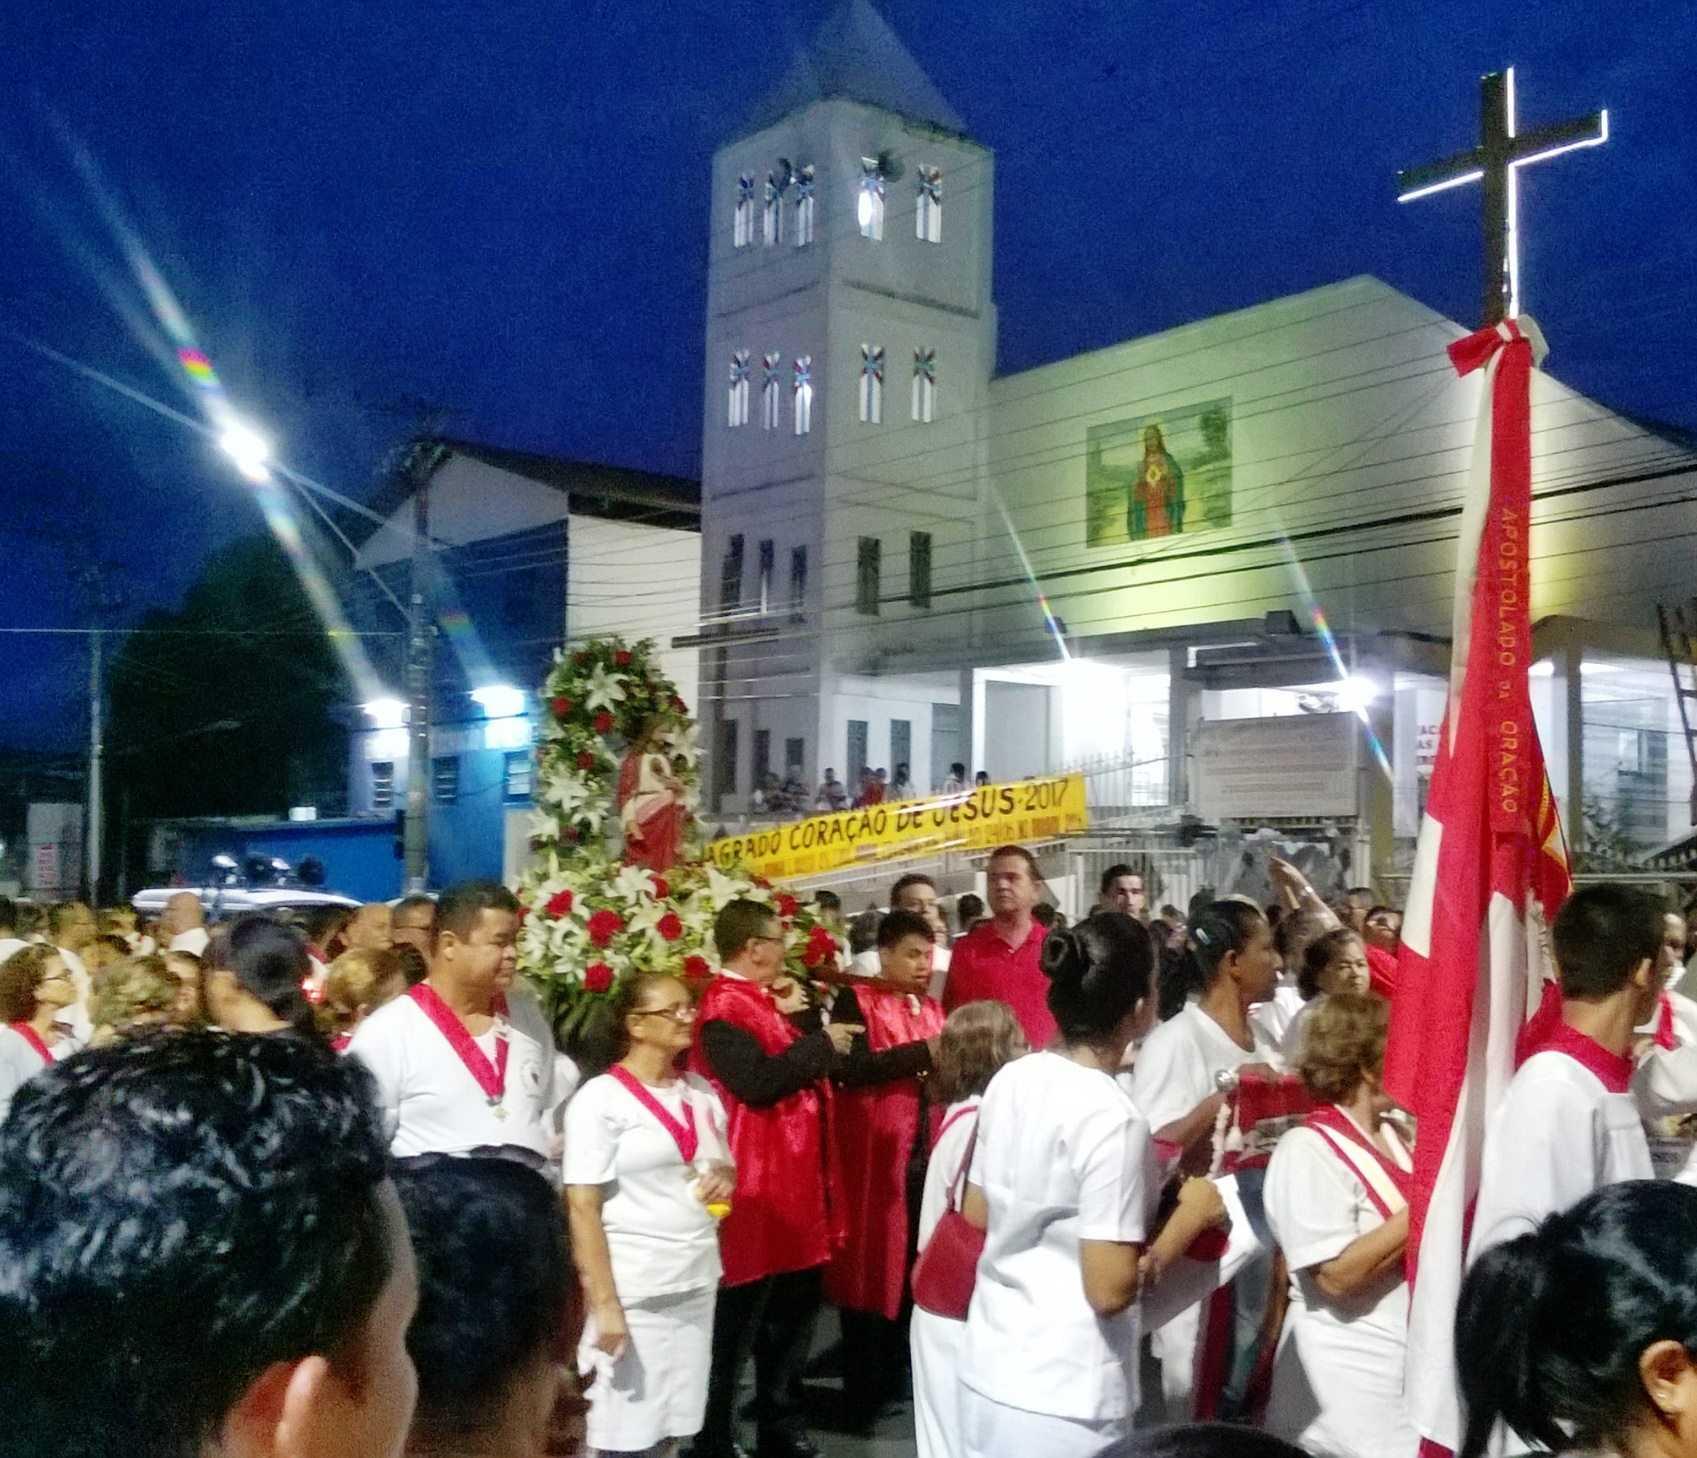 Procissão na Paróquia Sagrado Coração de Jesus - Imagem: reprodução facebook